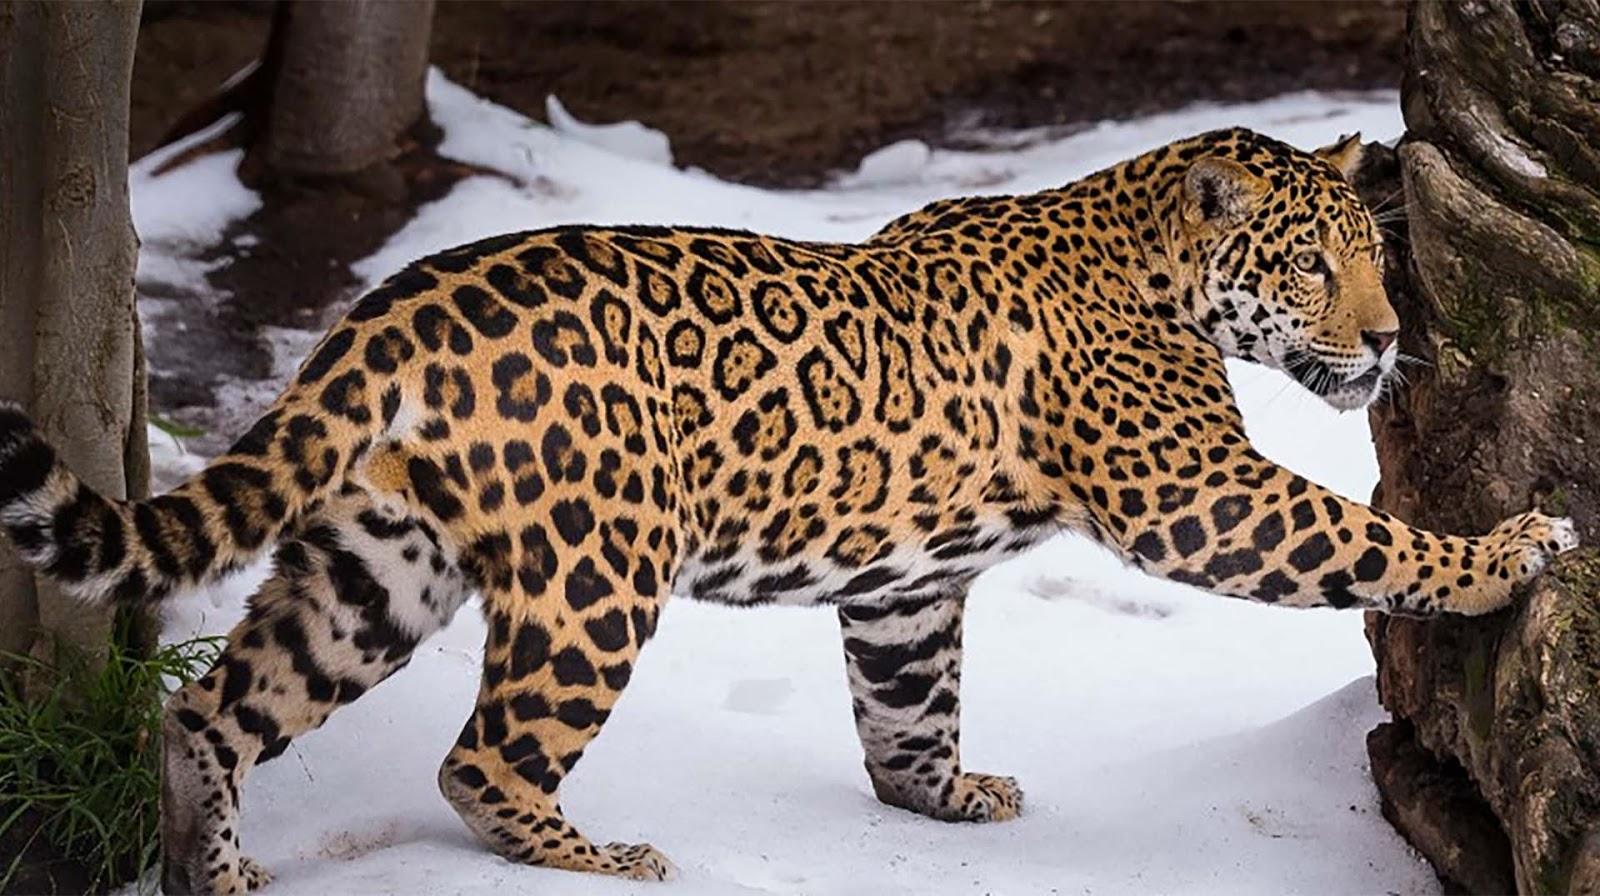 Best jaguar animal hd wallpaper 1080p free download wallpaper hd images for jaguar hd voltagebd Images